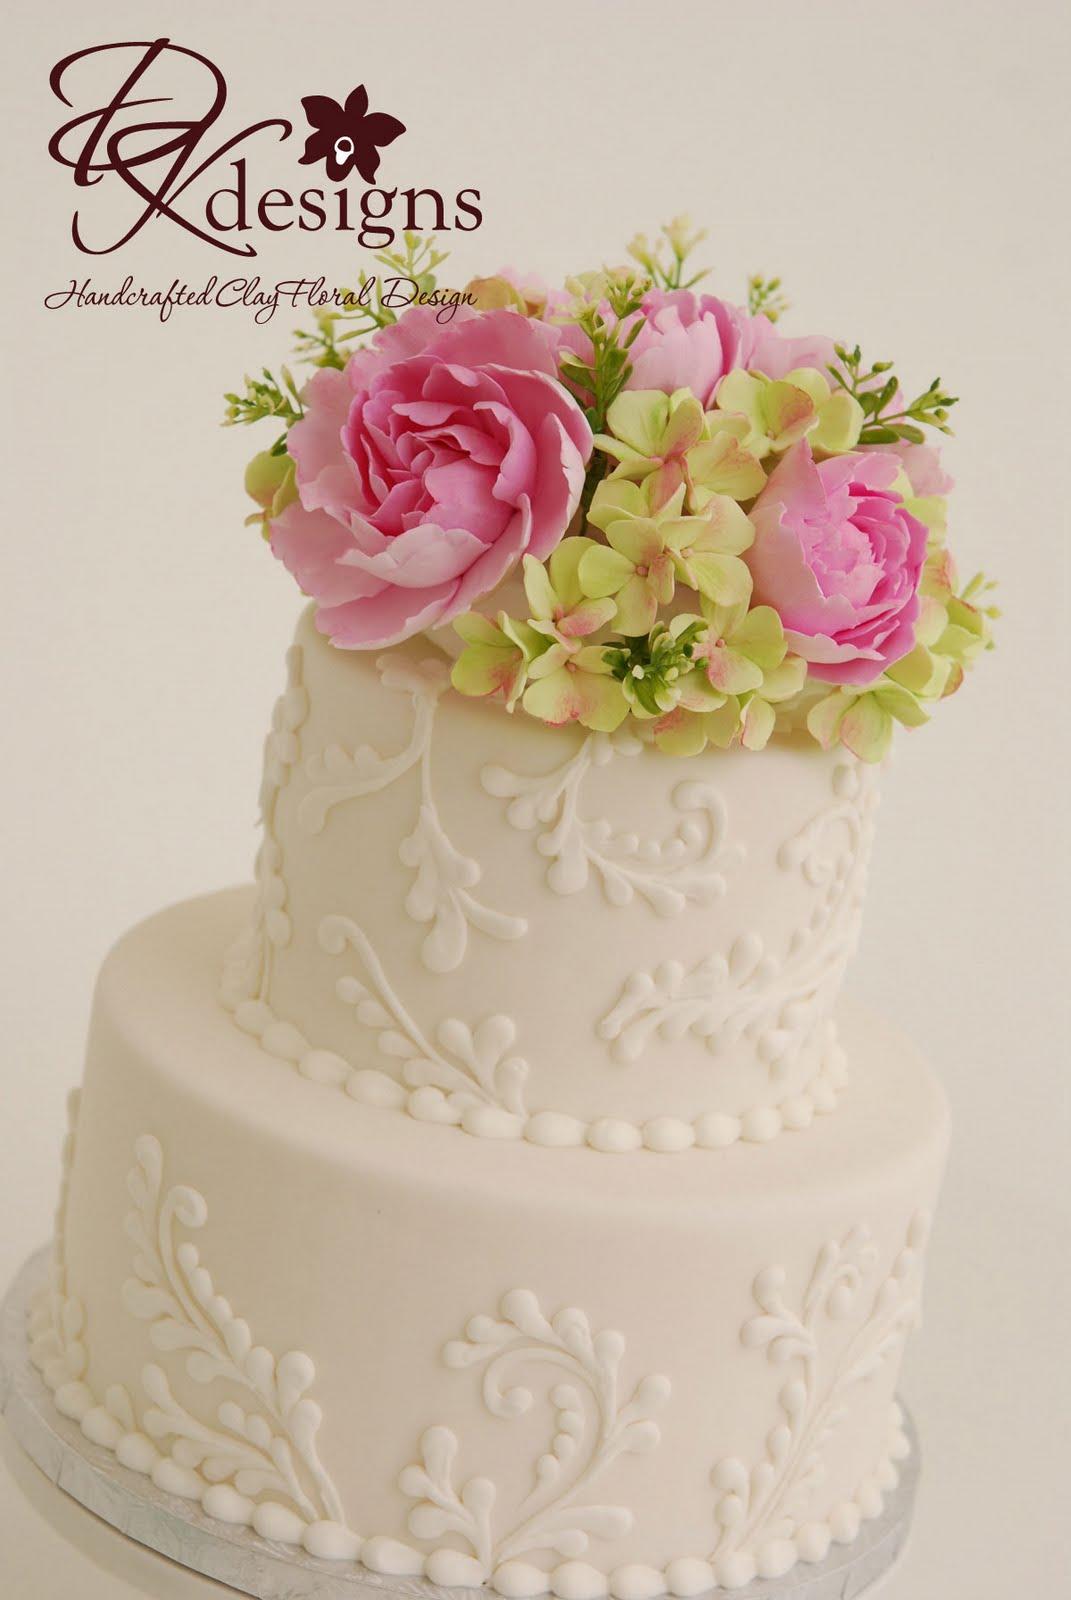 DK Designs: Custom Cake Flower Topper - Pink Peonies and ...